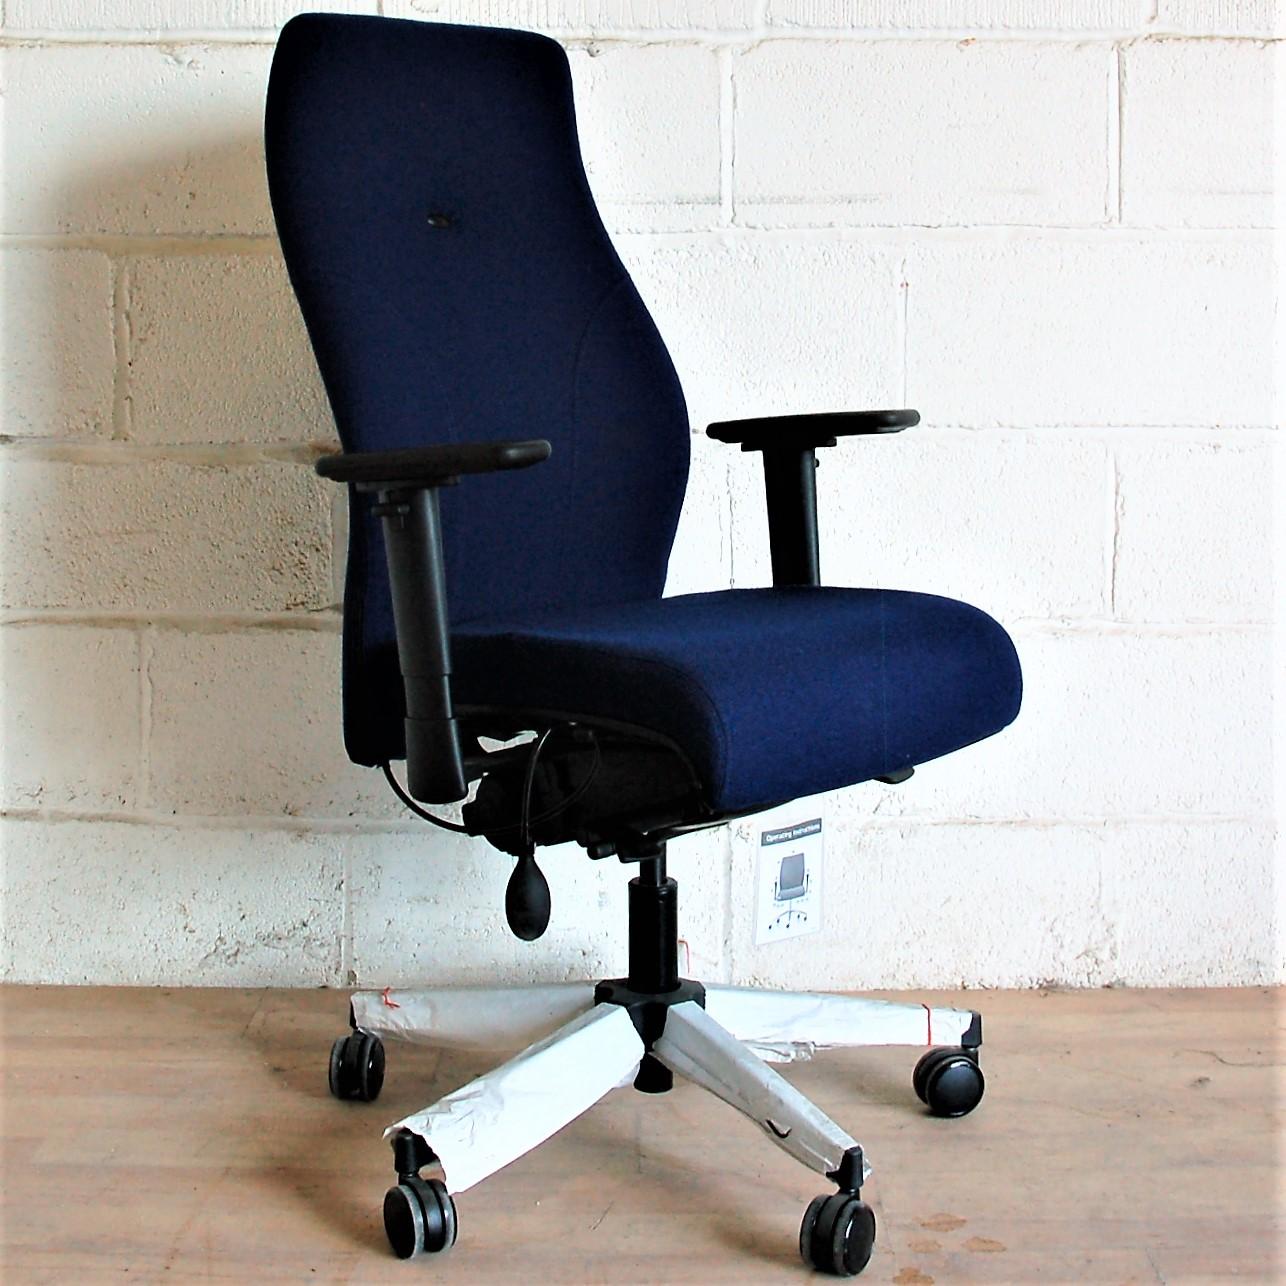 navy office chair armchair slipcover diy executive task blue fully adjustable 2098